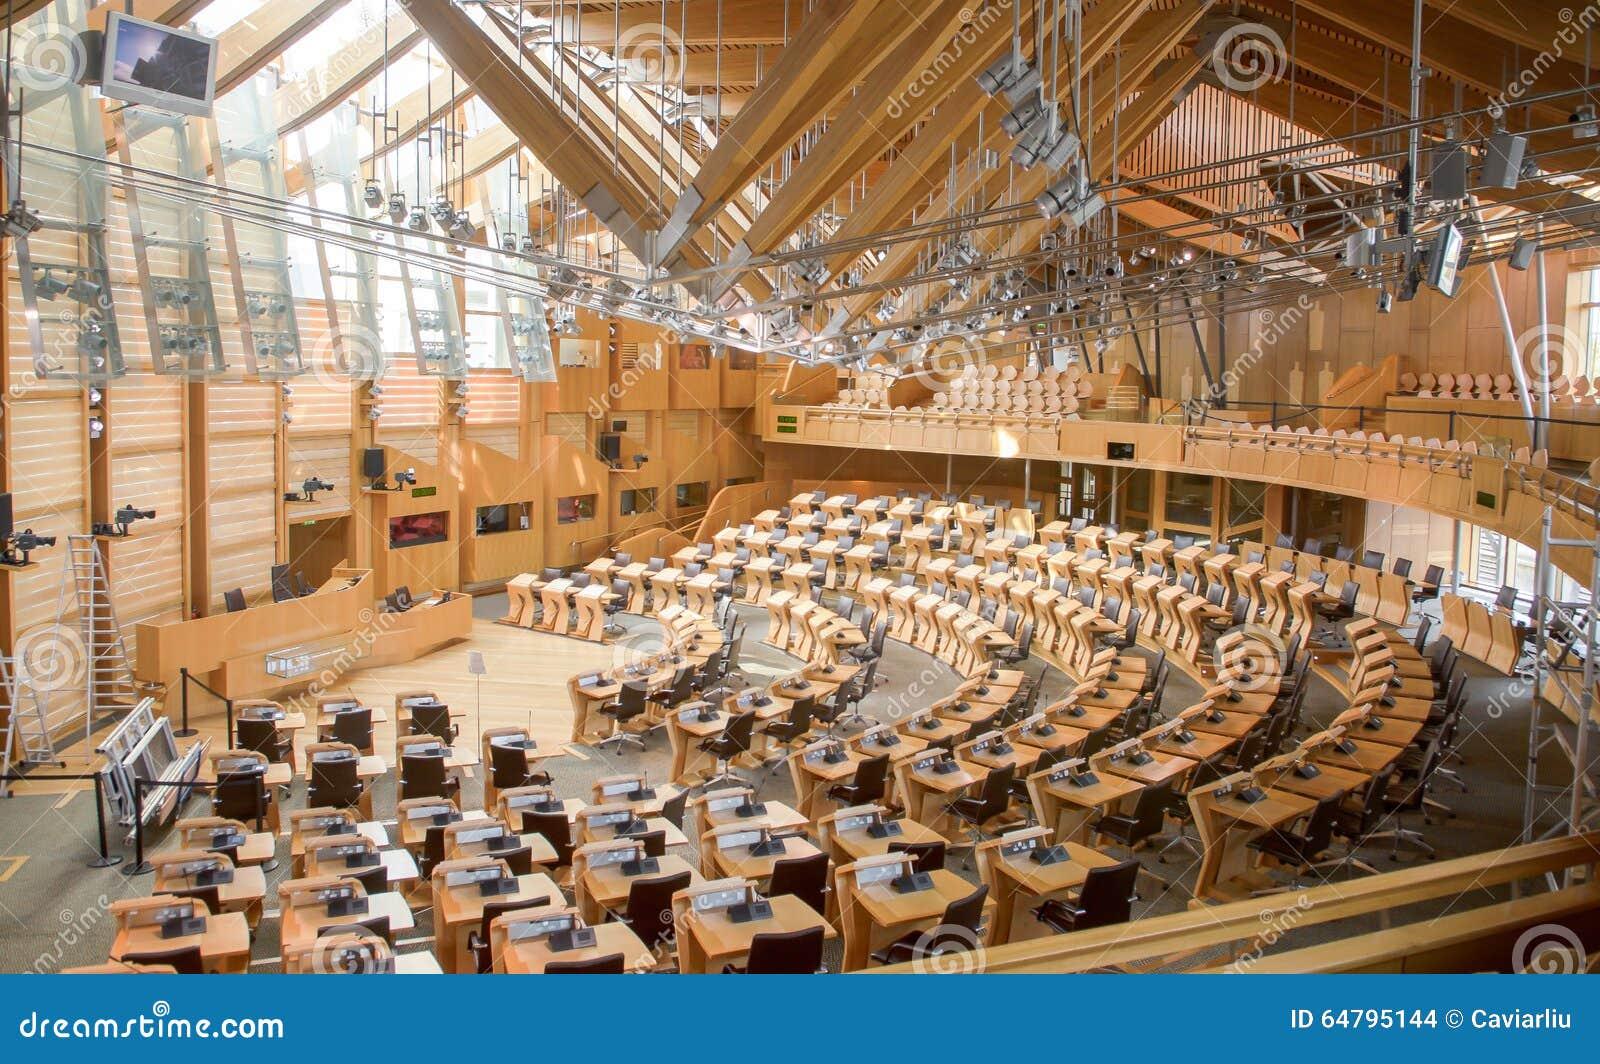 Σκωτσέζικη αίθουσα συζήτησης του Κοινοβουλίου, εσωτερικό του Κοινοβουλίου του Εδιμβούργου, που χτίζεται το 2004